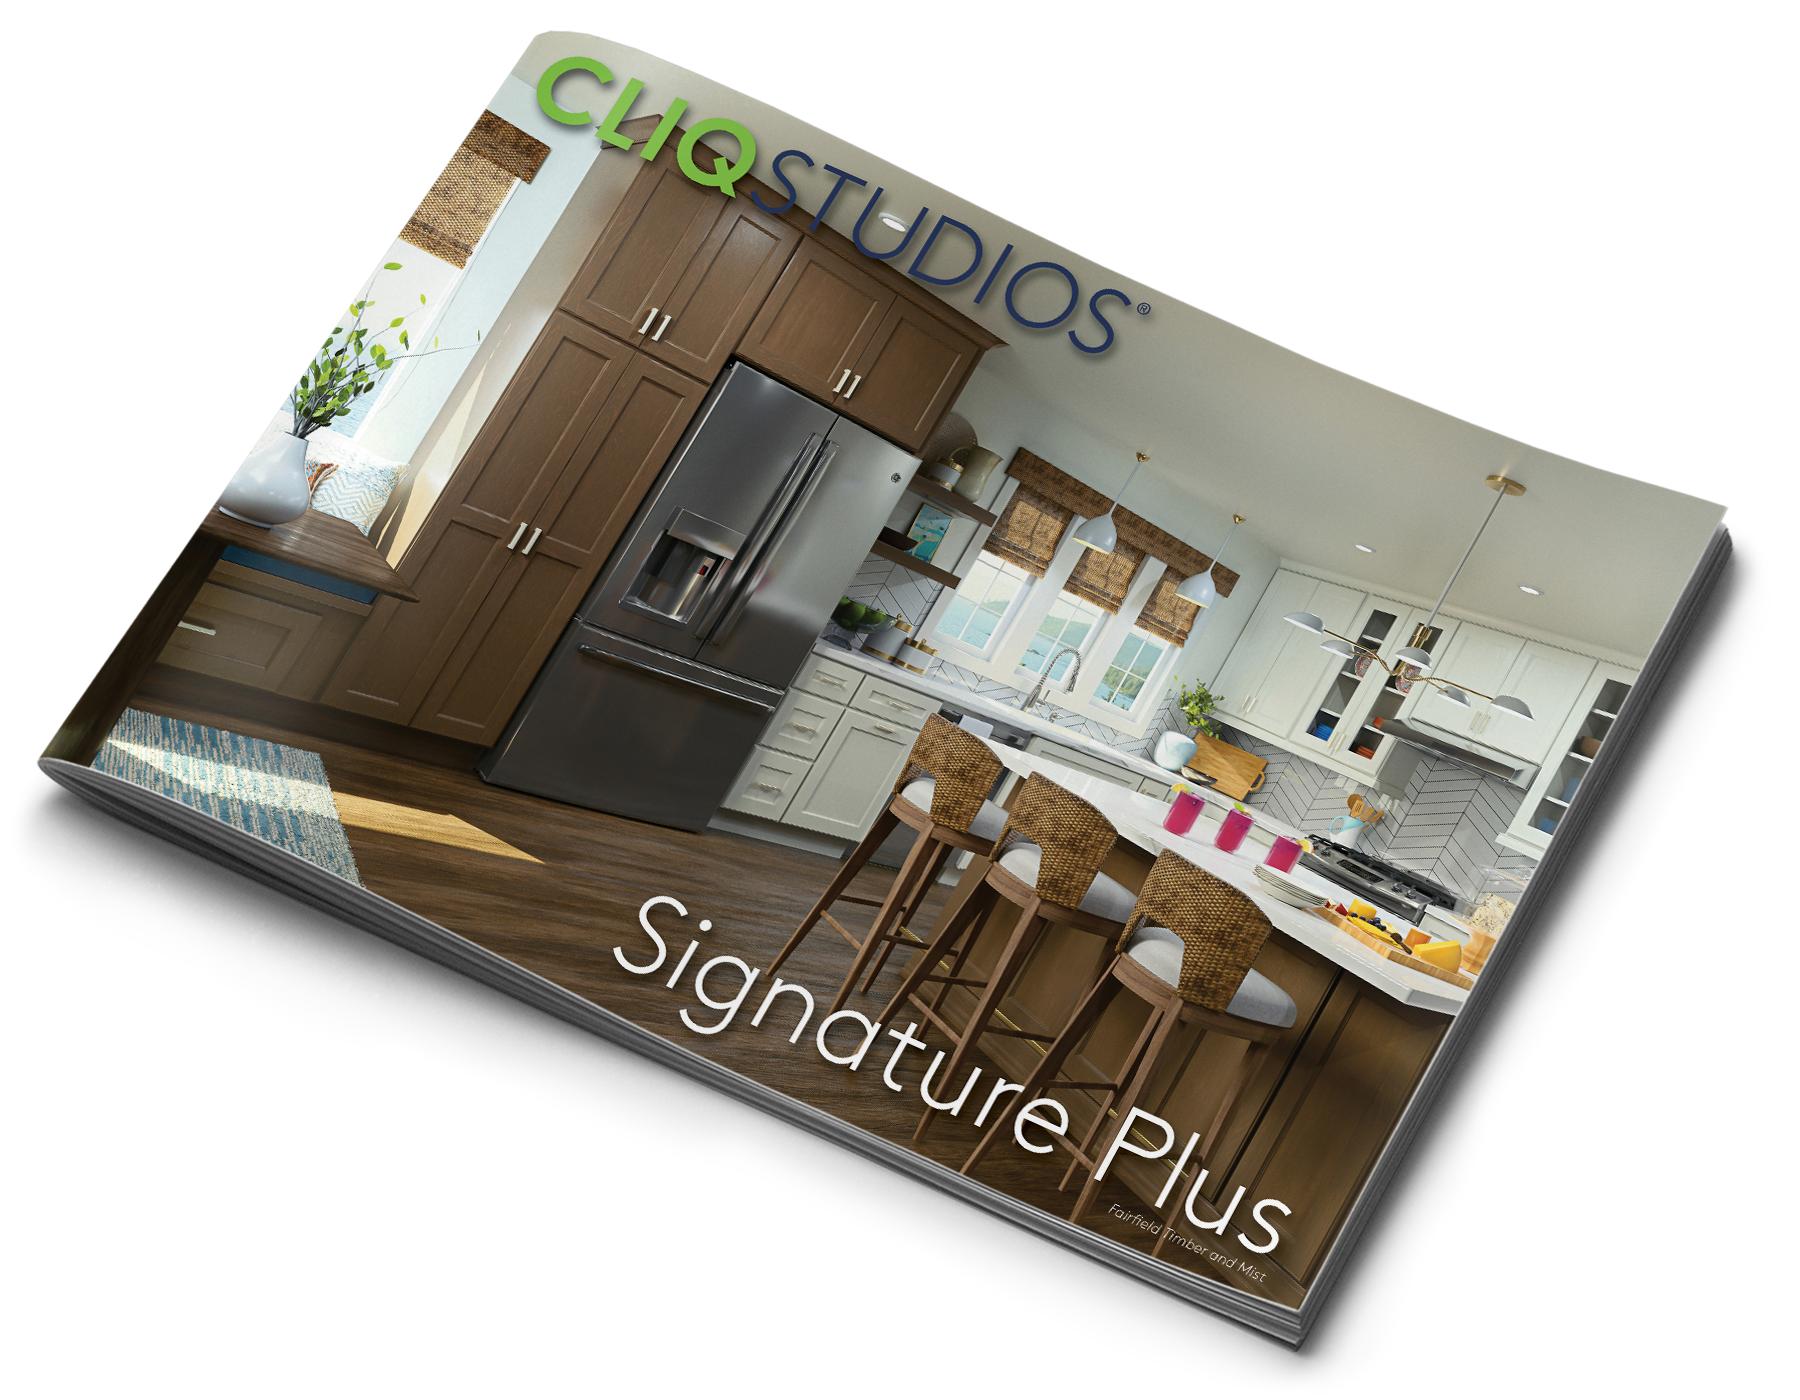 Signature Plus brochure